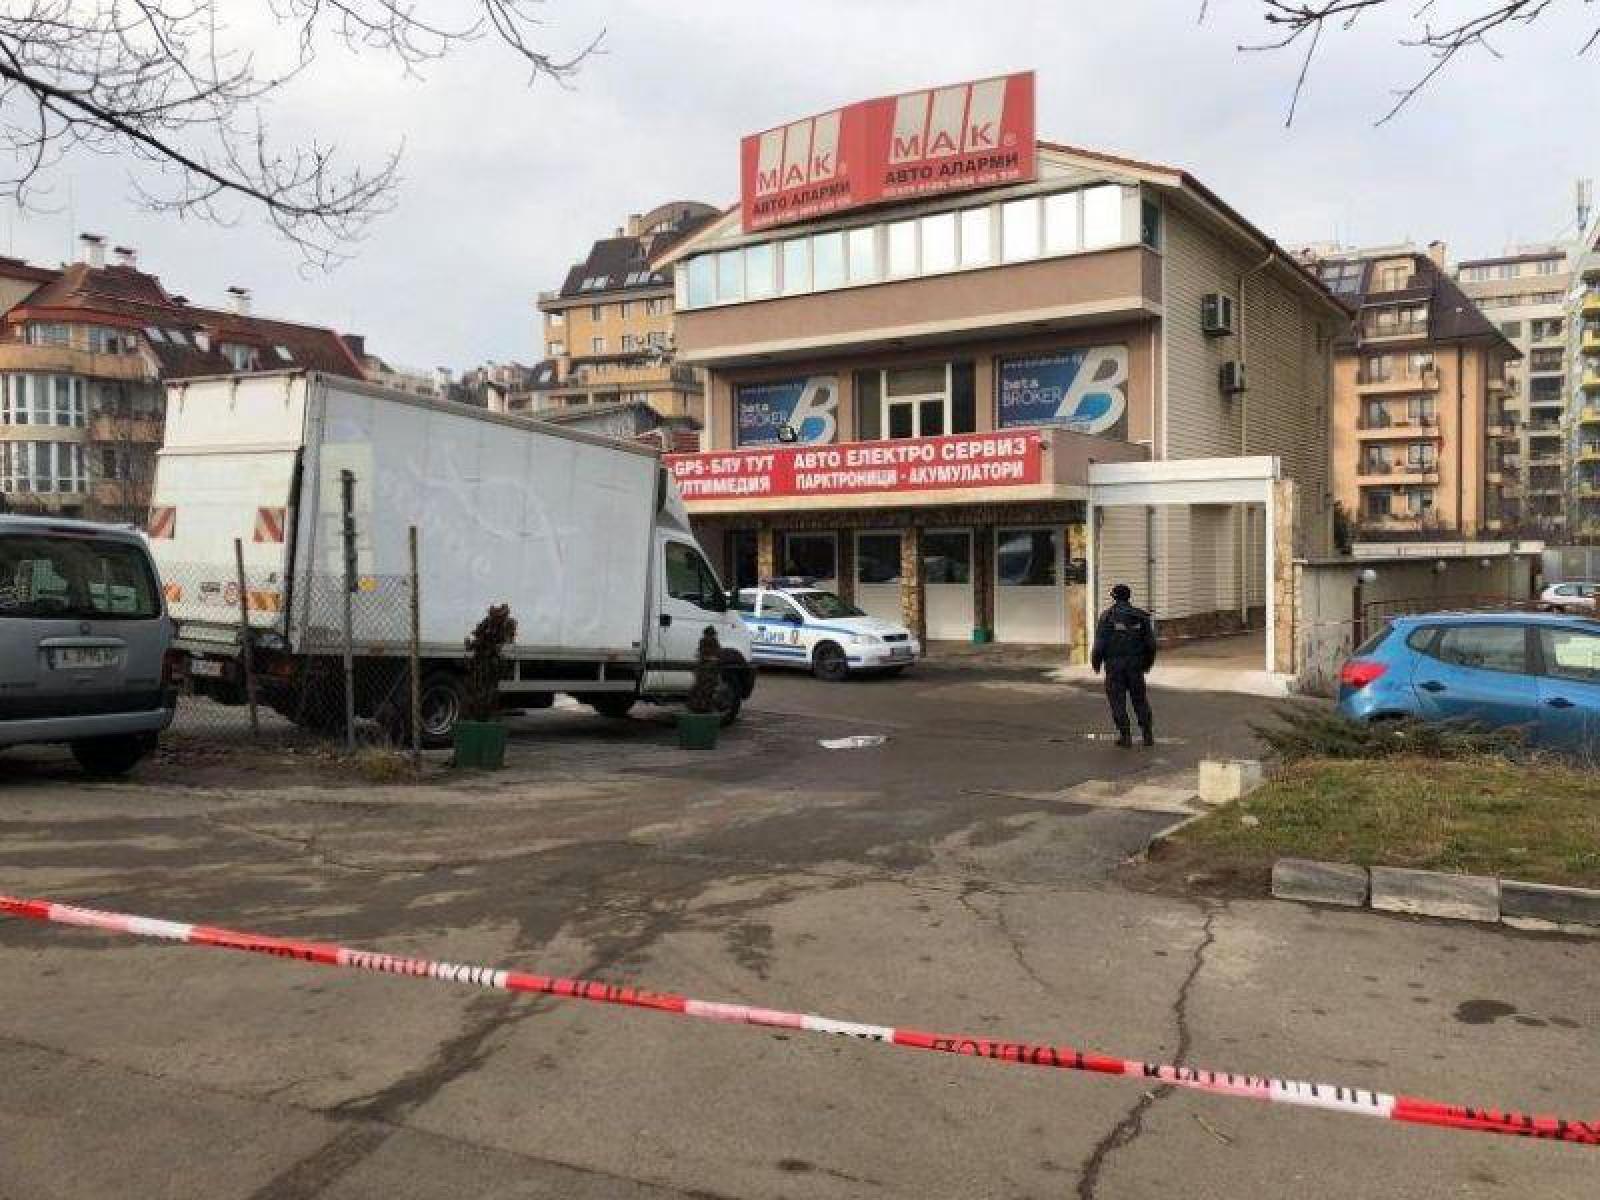 Asasinat în stil mafiot, la Sofia. Un influent om de afaceri a fost împușcat în fața sediului companiei sale